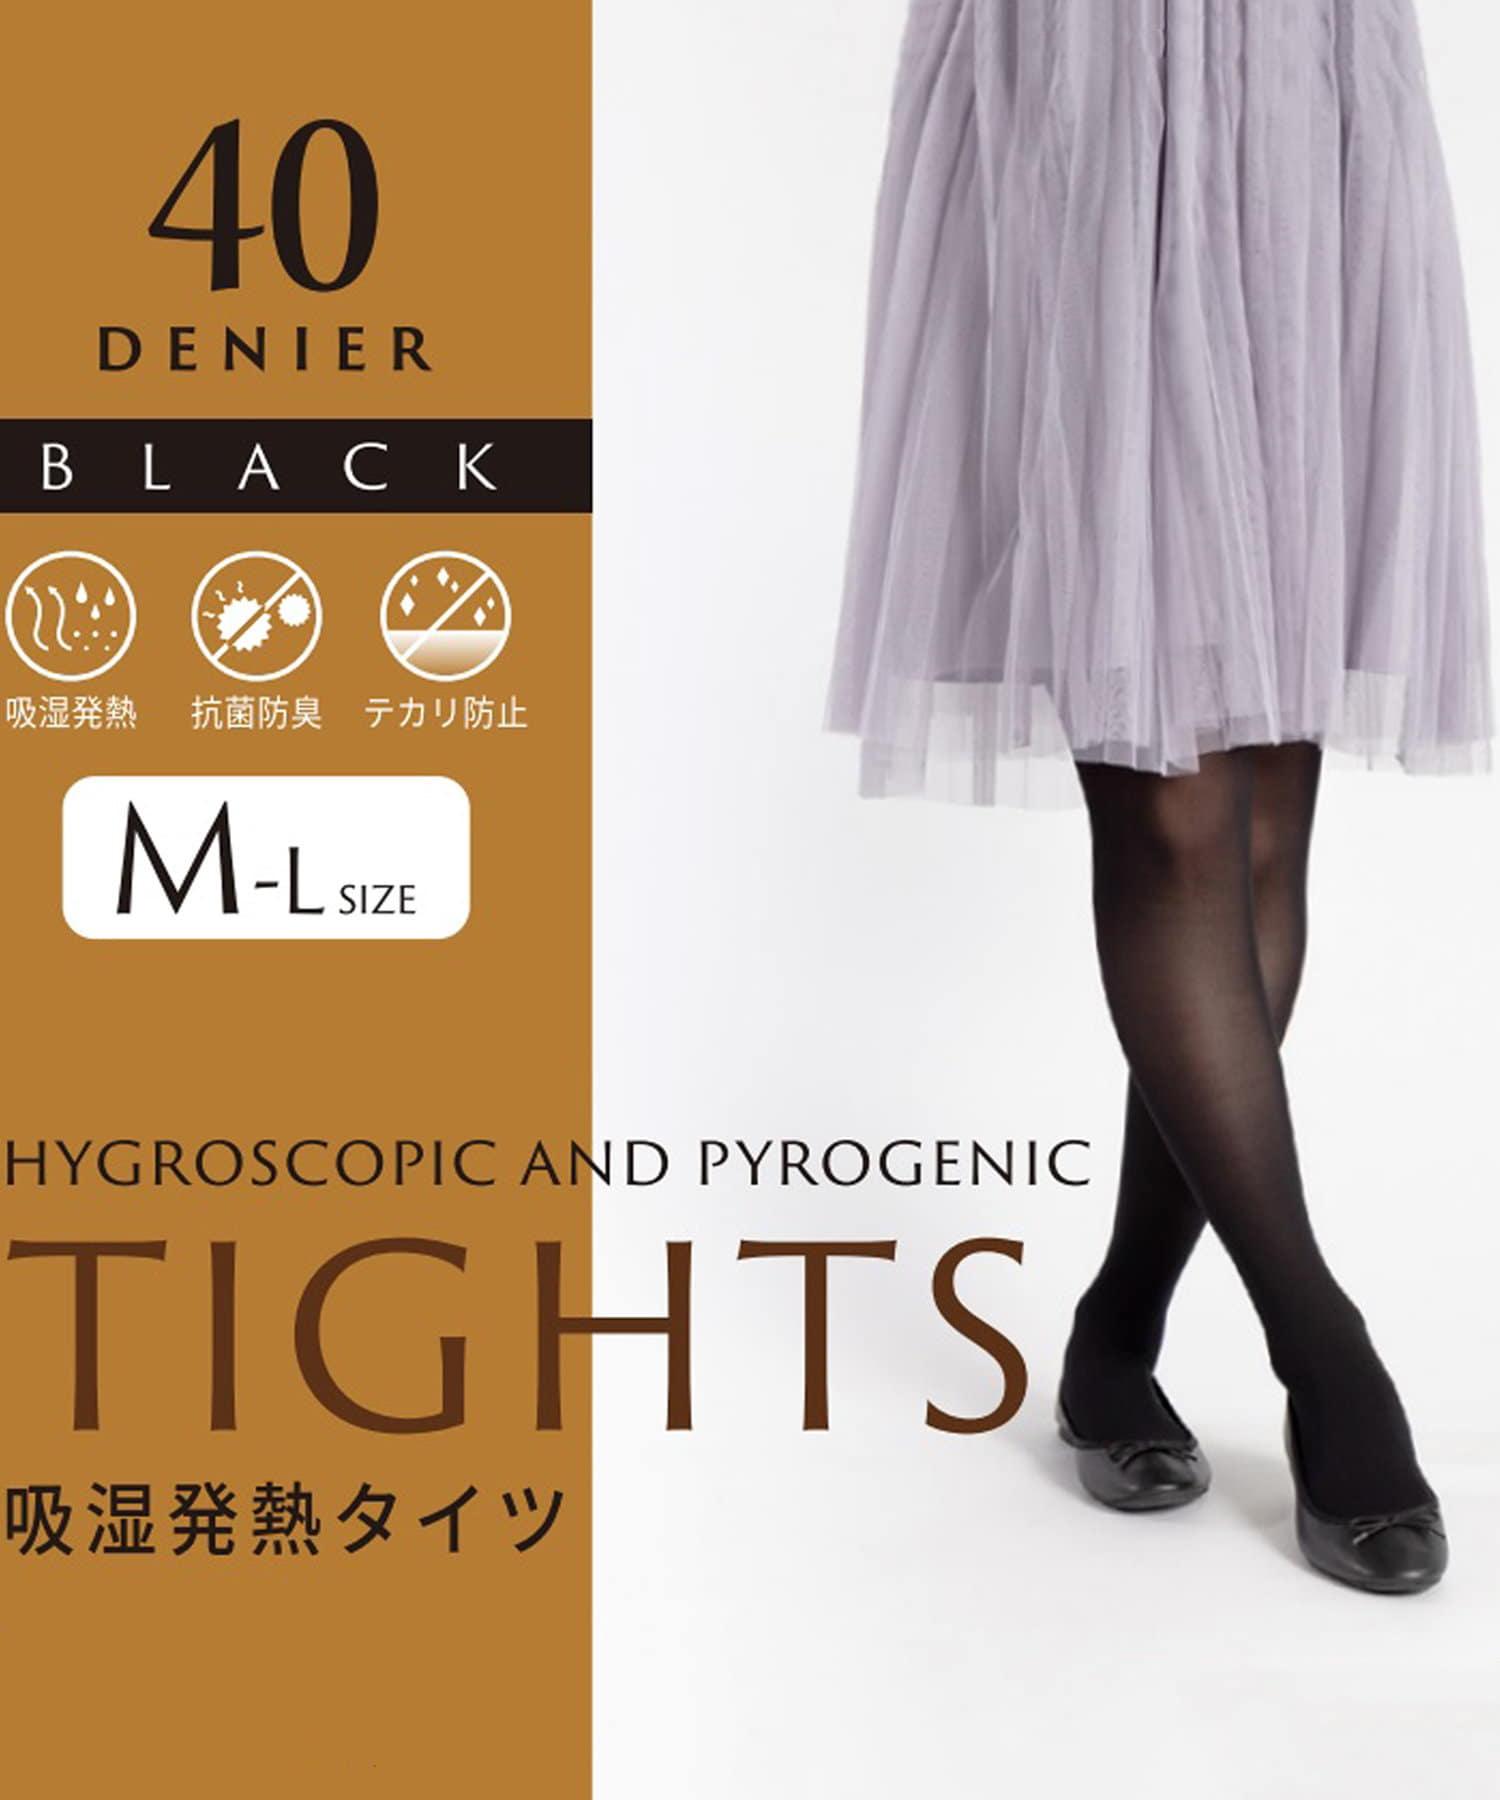 3COINS(スリーコインズ) レディース 吸湿発熱タイツ40デニール:Mサイズ ブラック